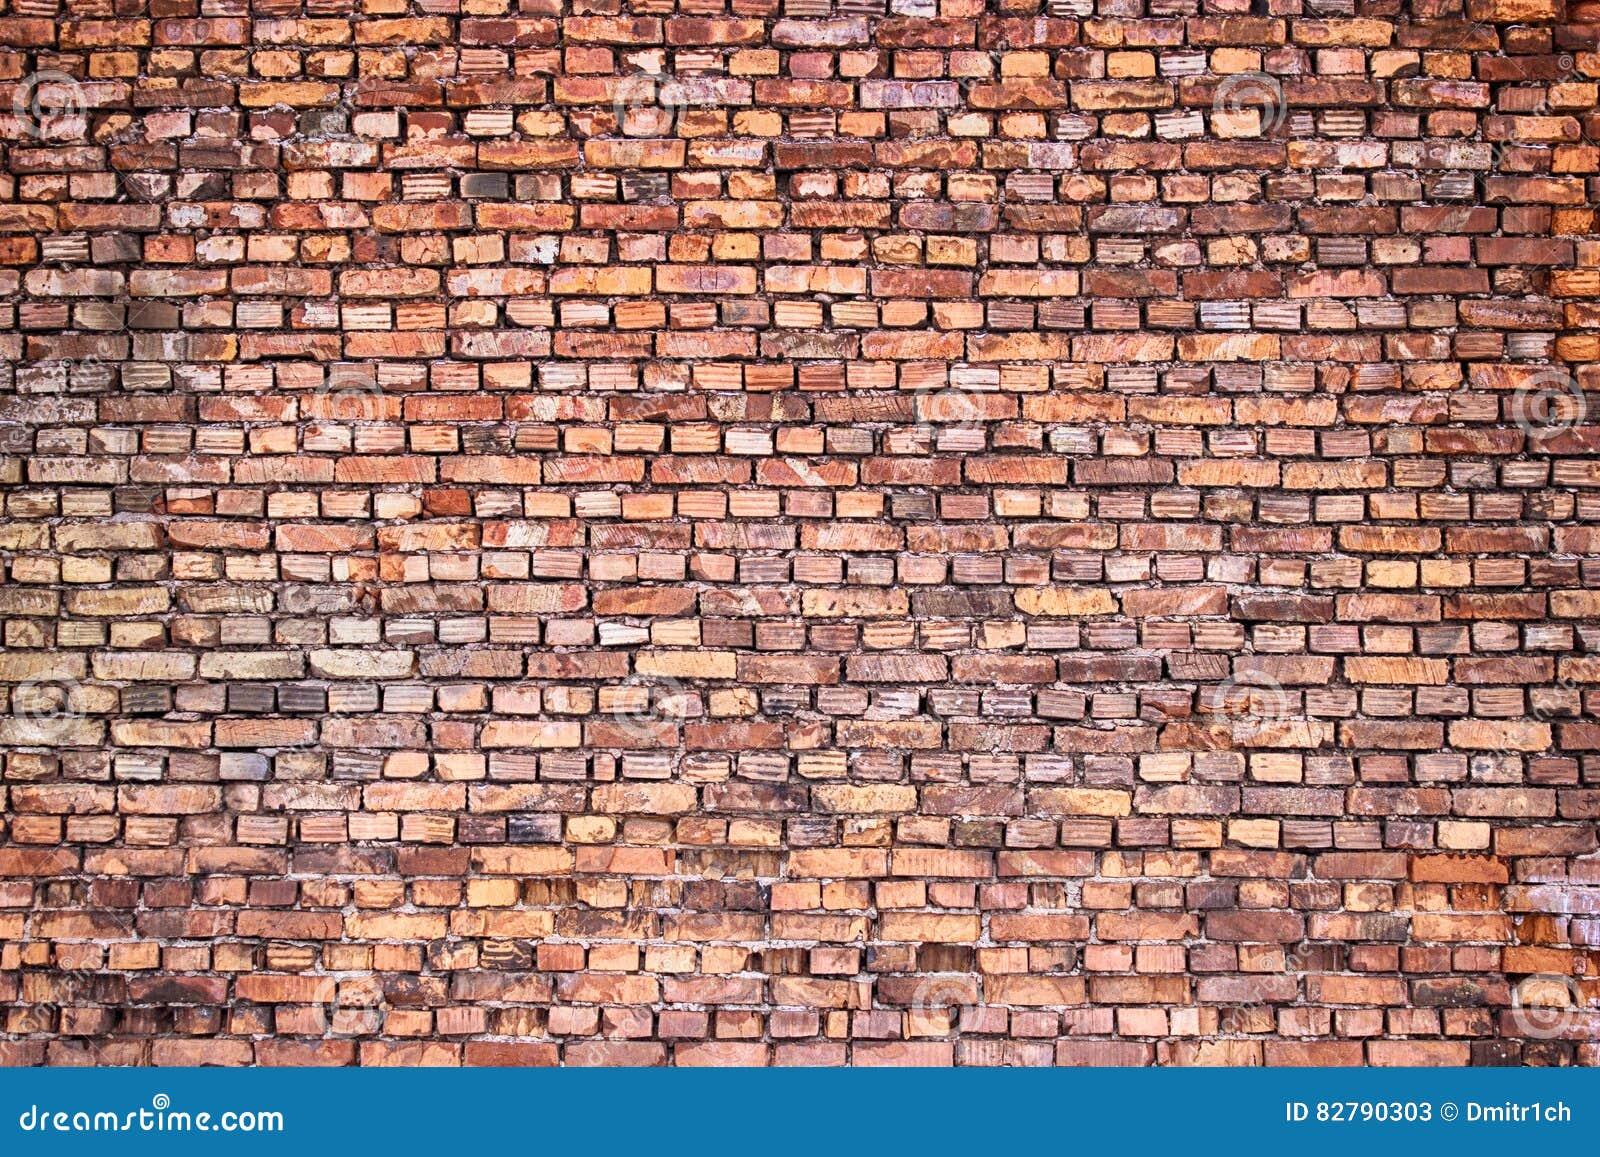 mur de briques de vintage fond urbain texture en pierre rouge photo stock image 82790303. Black Bedroom Furniture Sets. Home Design Ideas